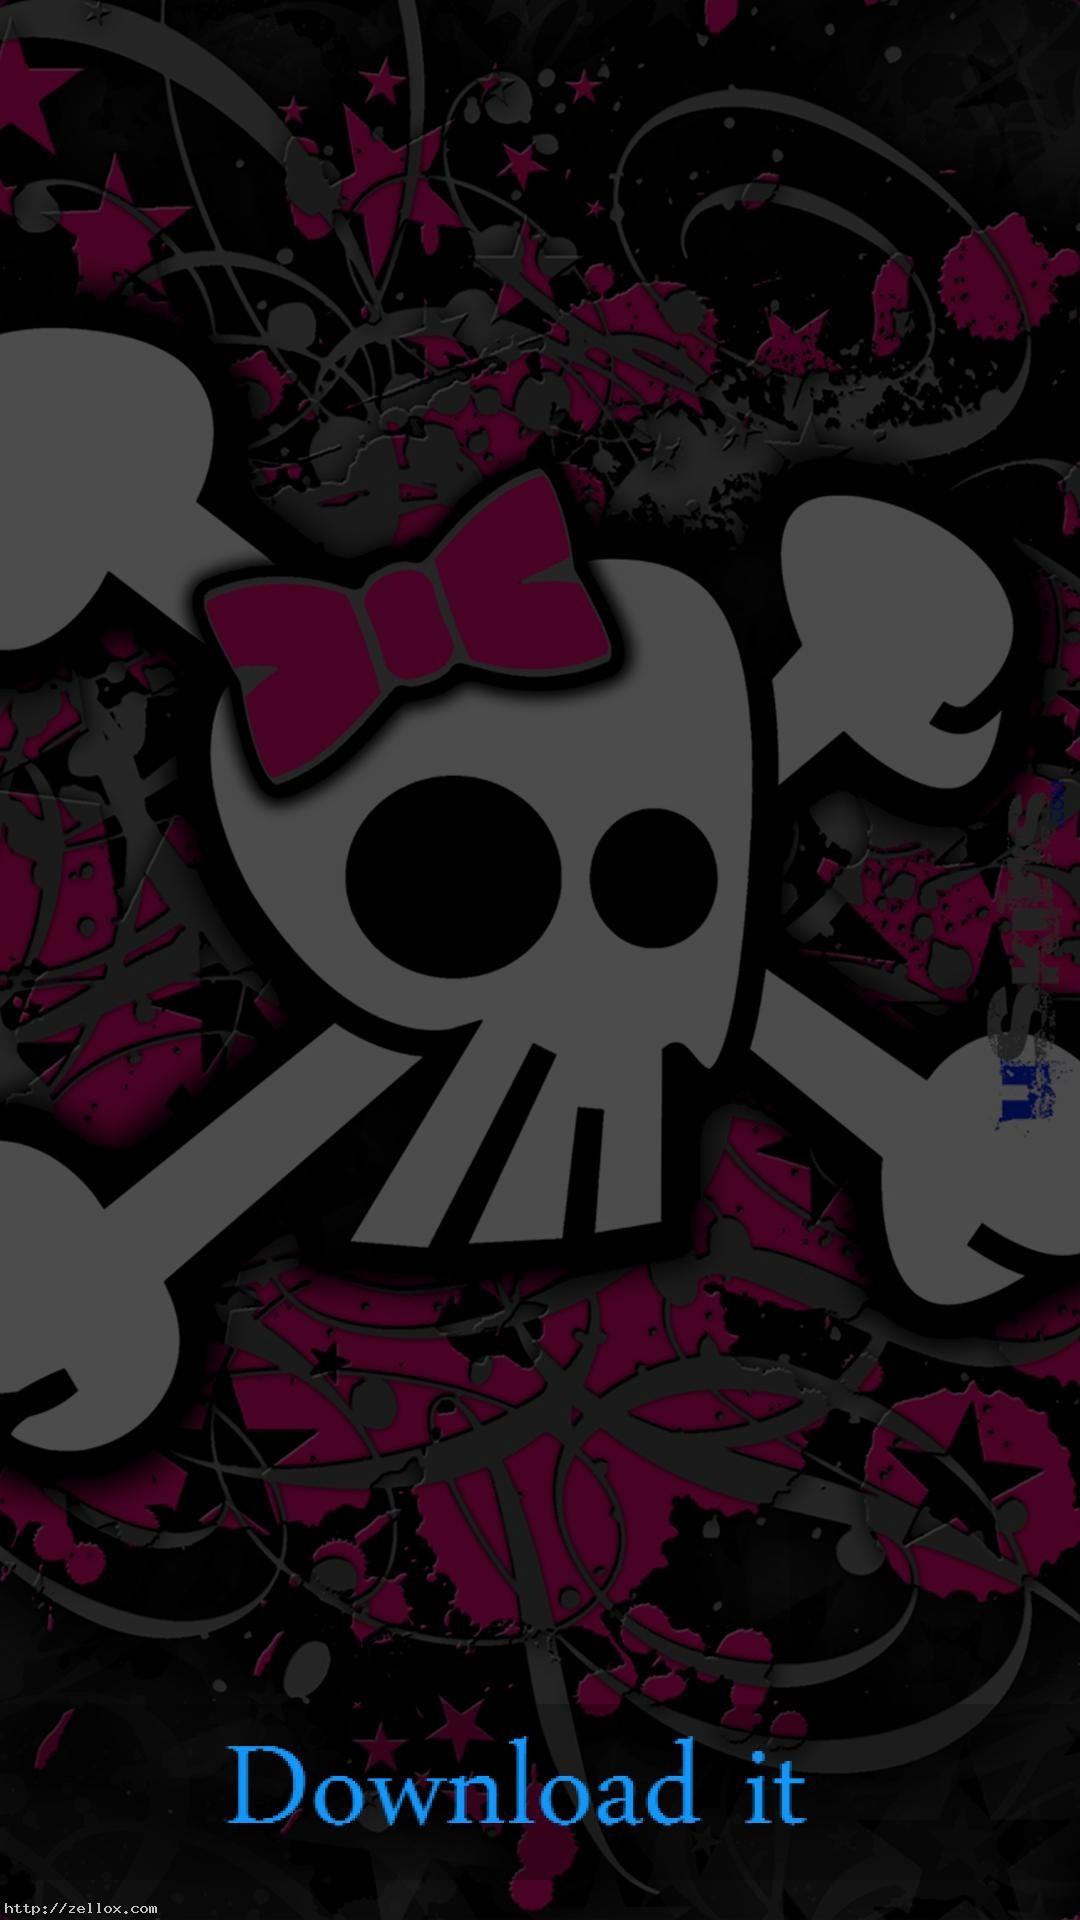 Girly Skull Wallpaper For Mobile